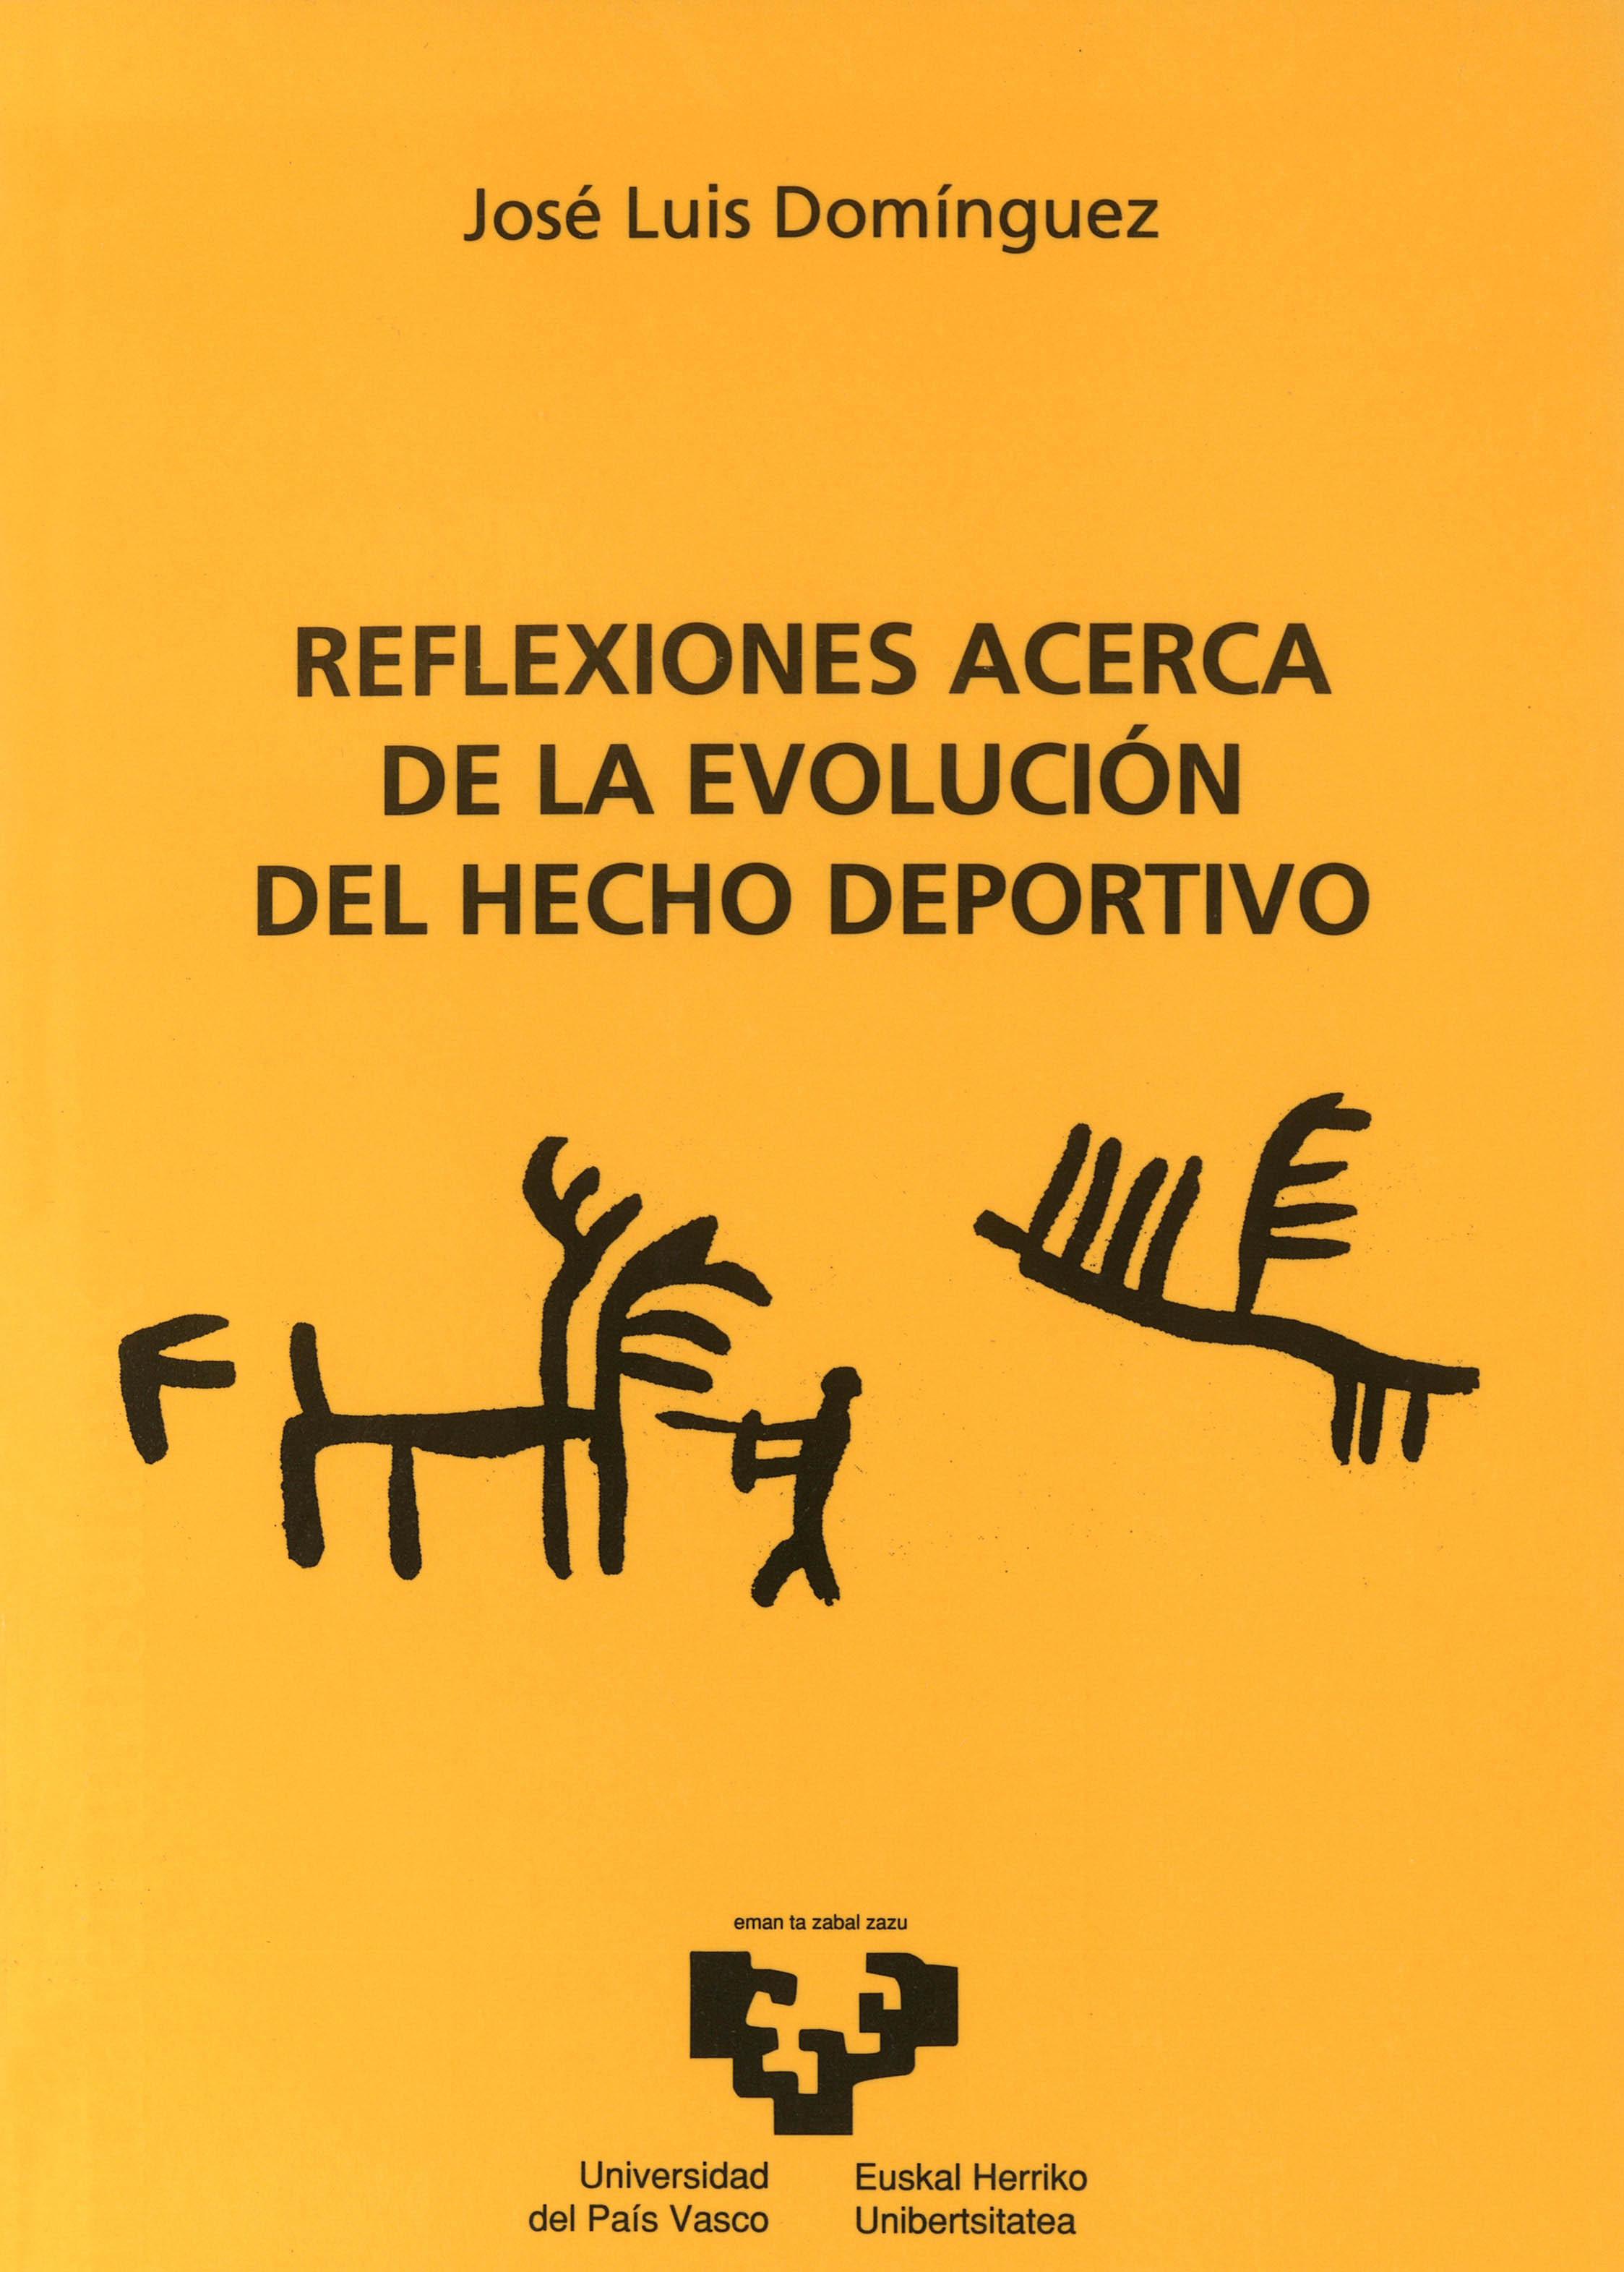 REFLEXIONES ACERCA DE LA EVOLUCION DEL HECHO DEPORTIVO